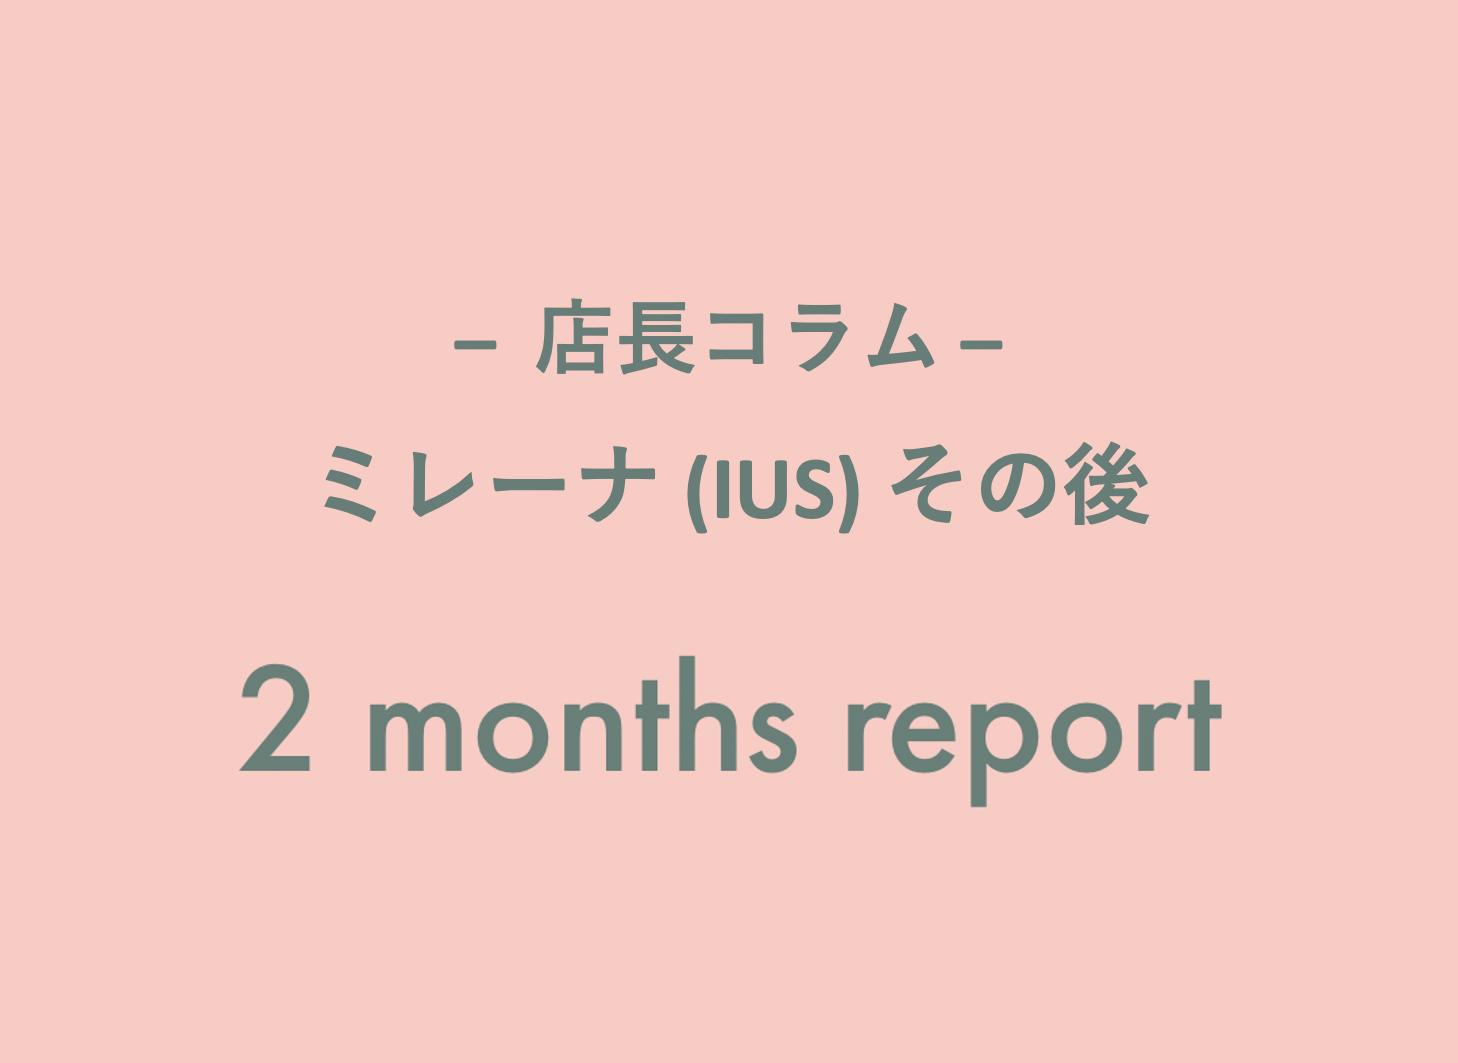 【店長コラム】ミレーナ 2ヶ月後レポート